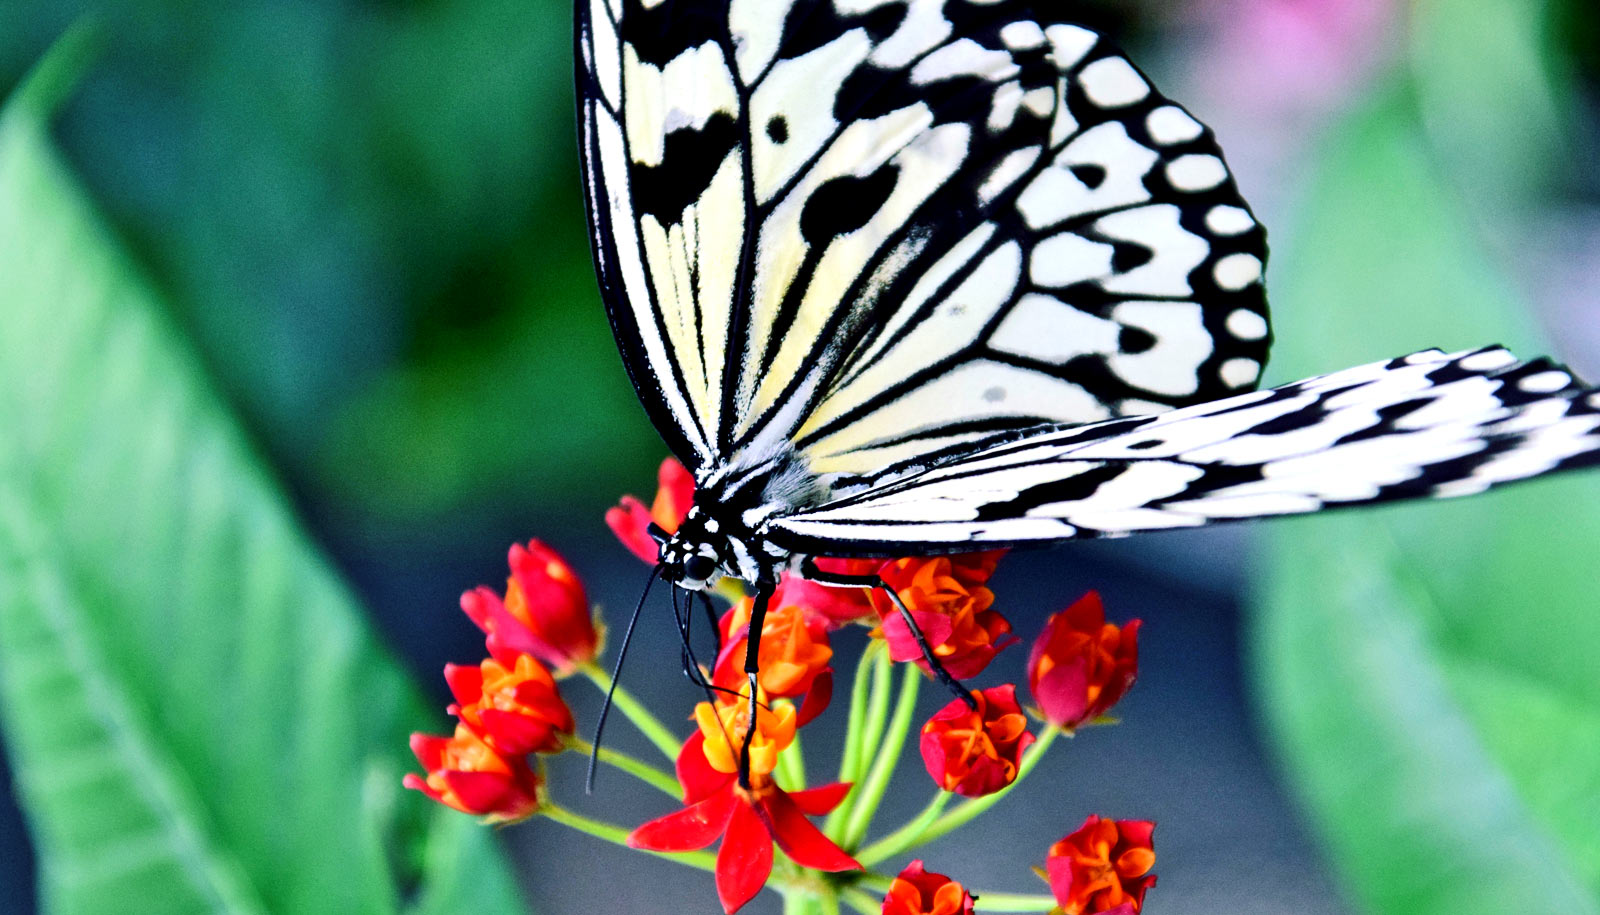 Hình ảnh cánh bướm trắng trên cành hoa đỏ